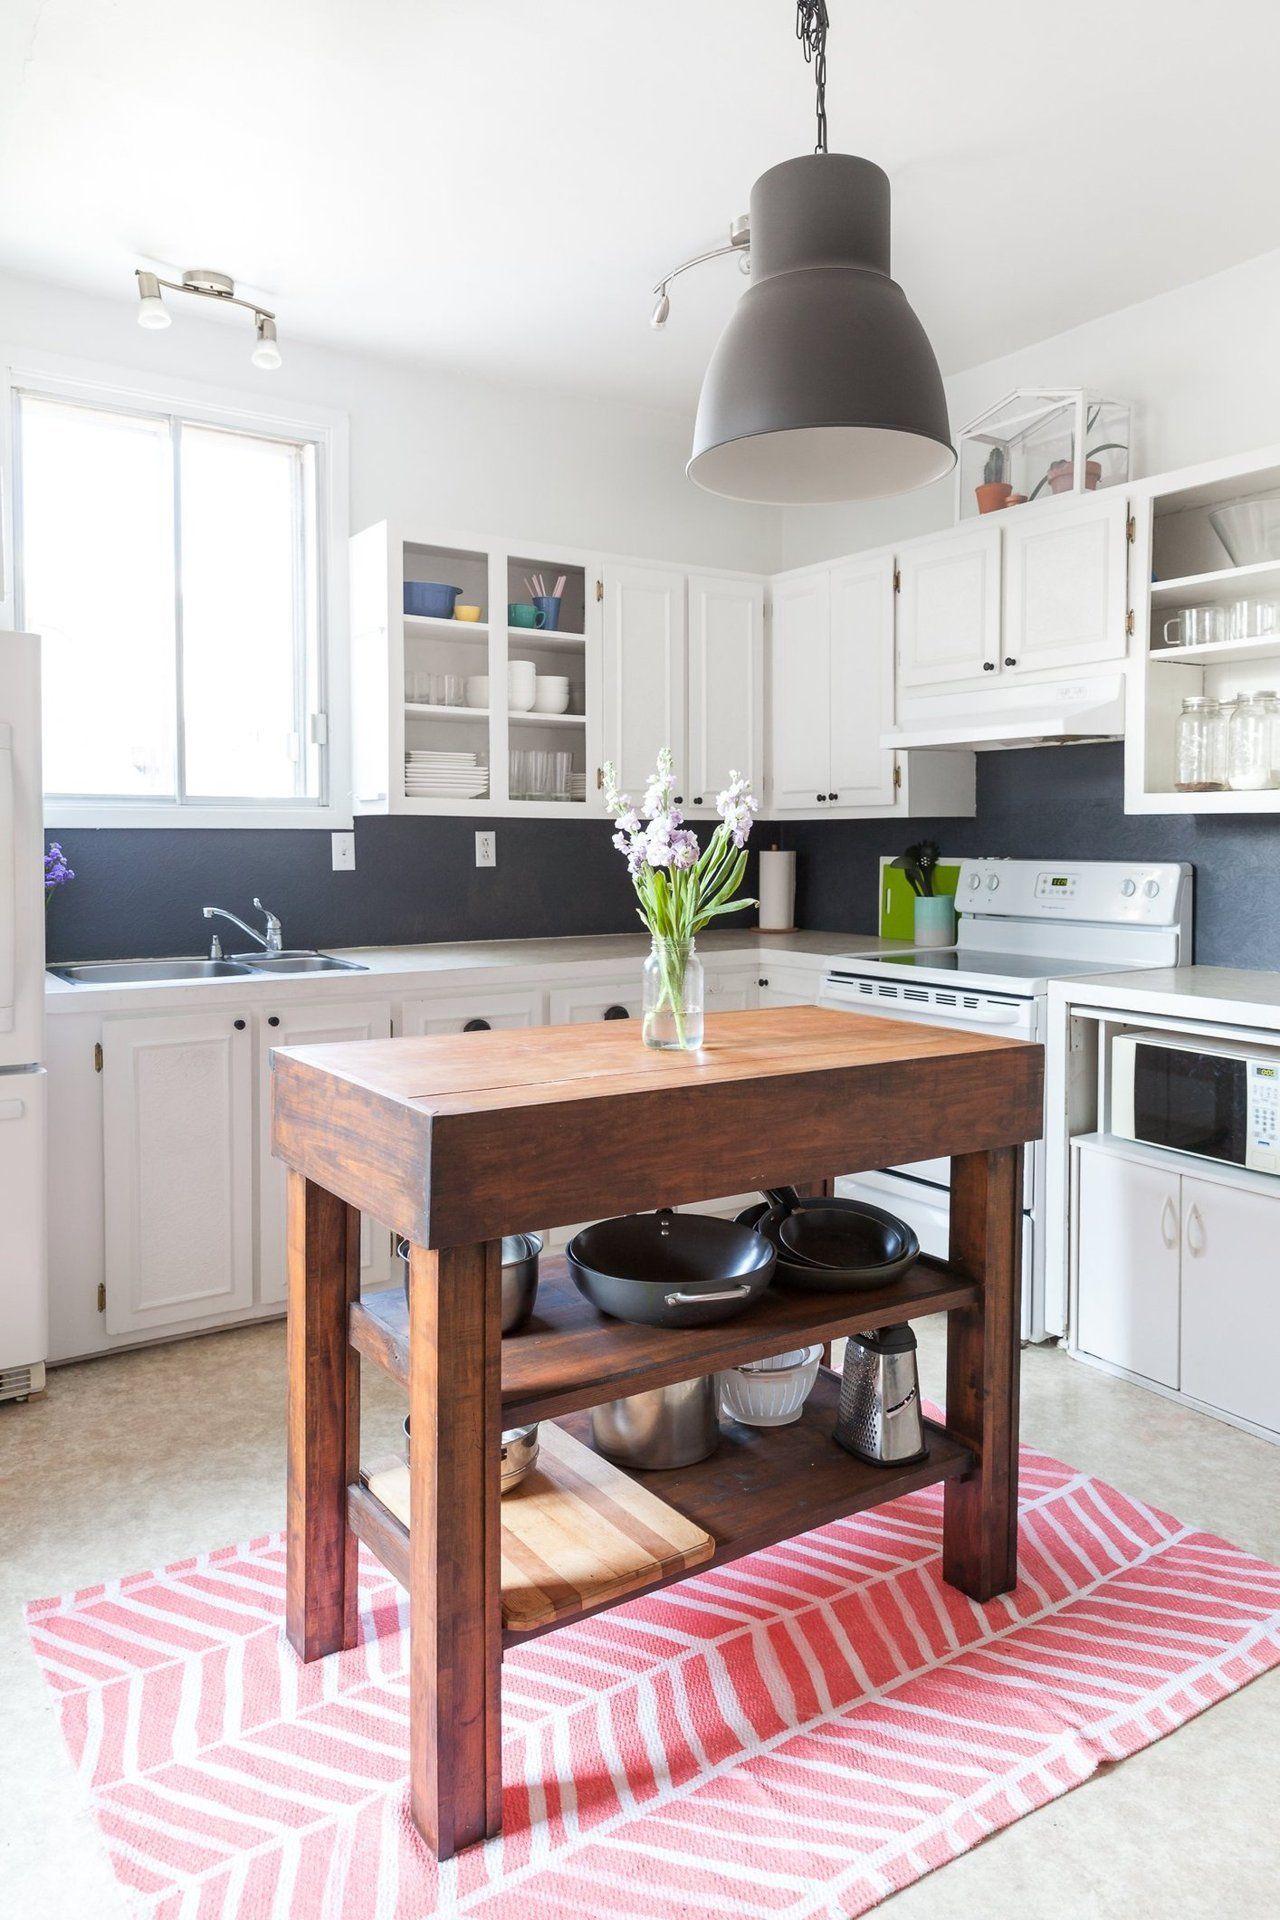 Niedlich Küchen Entworfen Von Joanna Gaines Ideen - Ideen Für Die ...